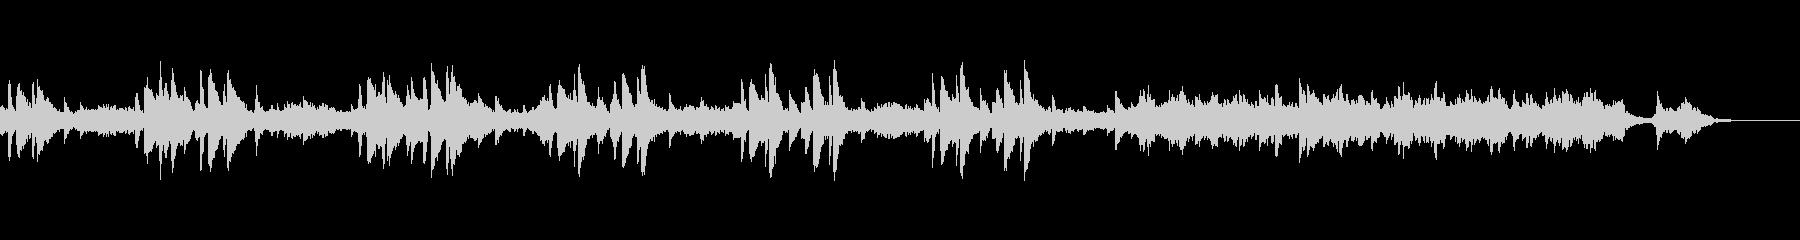 不思議なシーンの落ち着いたBGMの未再生の波形